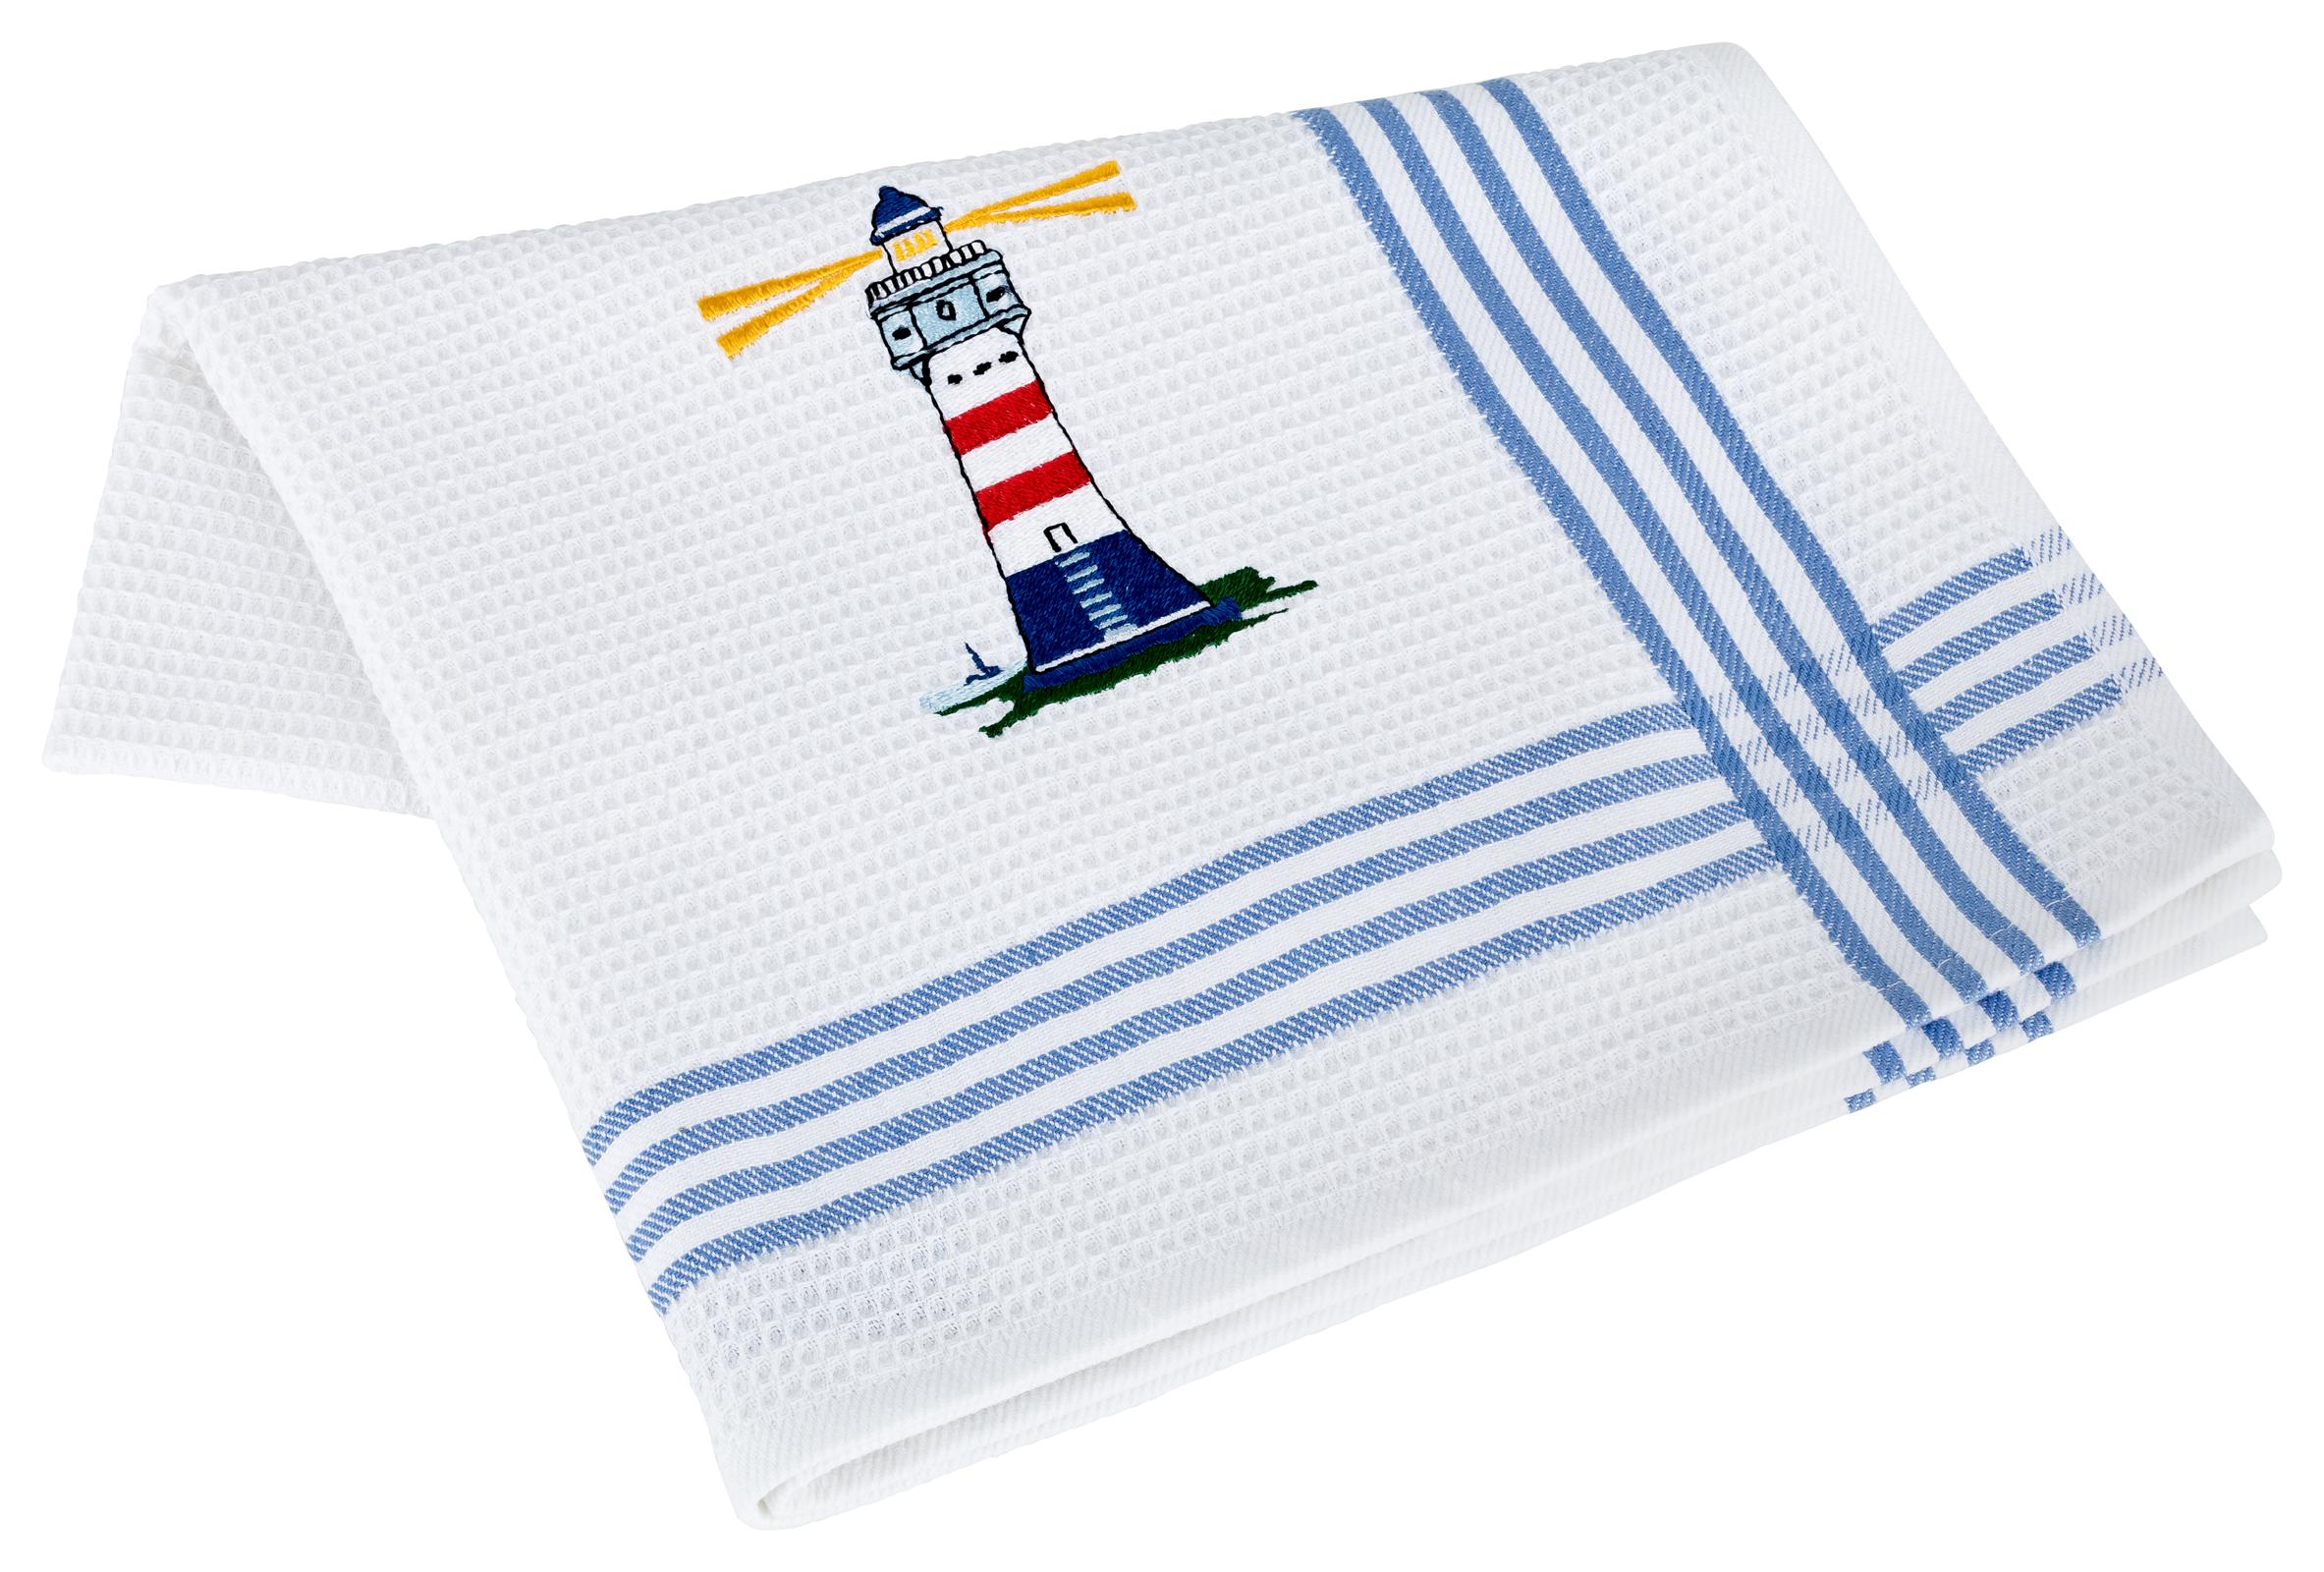 Küchentextilien - Kracht 2er Pack Geschirrtücher Küchenhandtuch Waffelpicquet 100 Baumwolle bestickt 4 410 00 Leuchtturm  - Onlineshop PremiumShop321